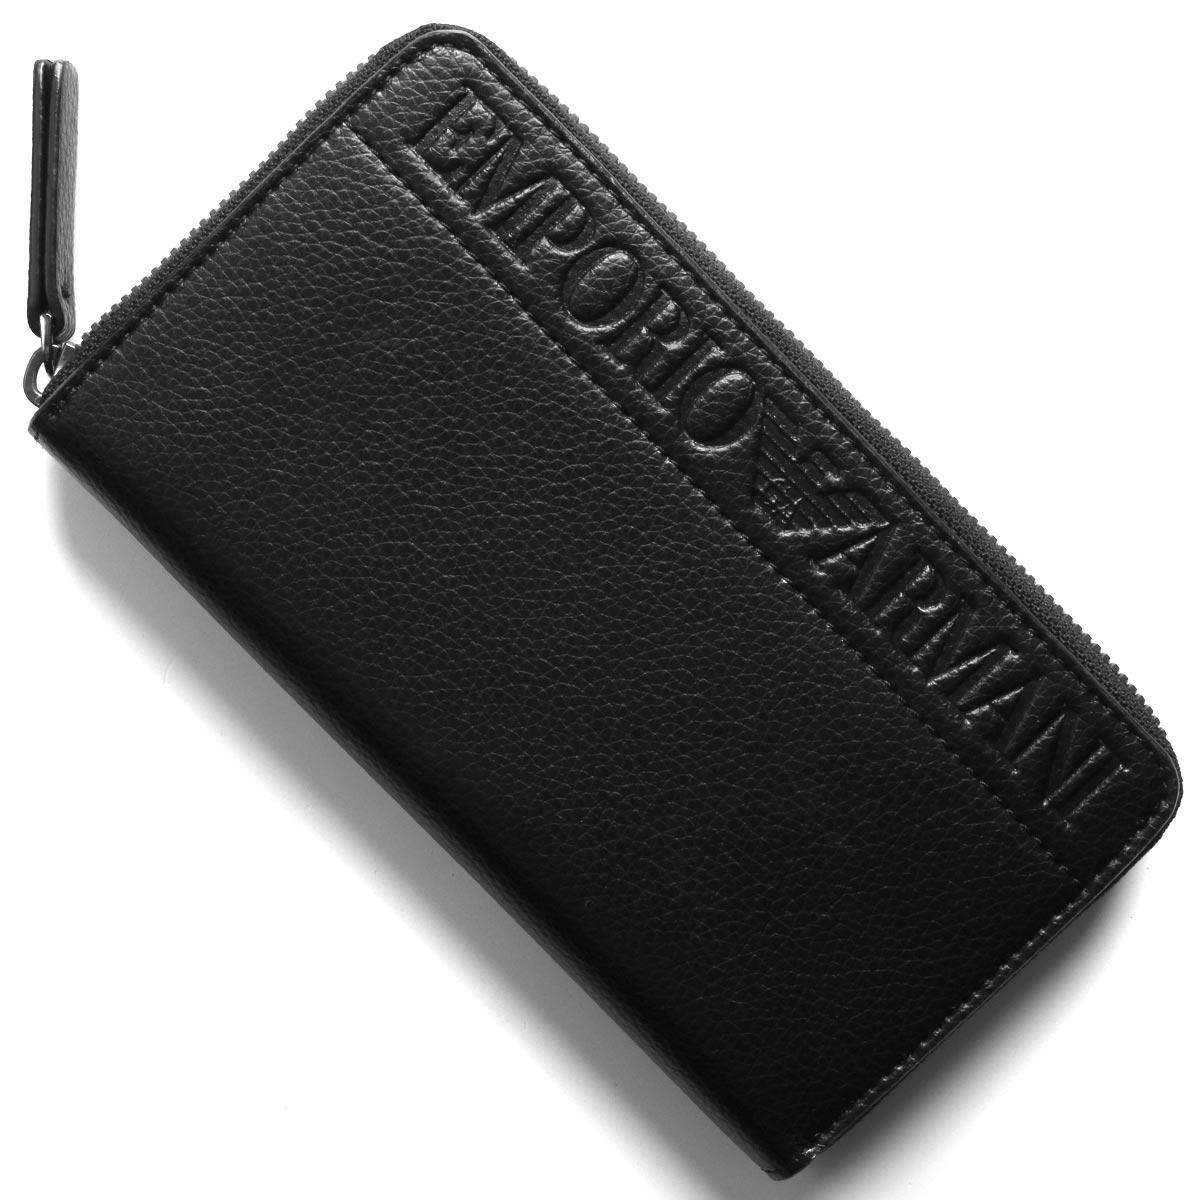 エンポリオアルマーニ 長財布 財布 メンズ イーグルマーク ブラック YEME49 YSL5J 81072 EMPORIO ARMANI